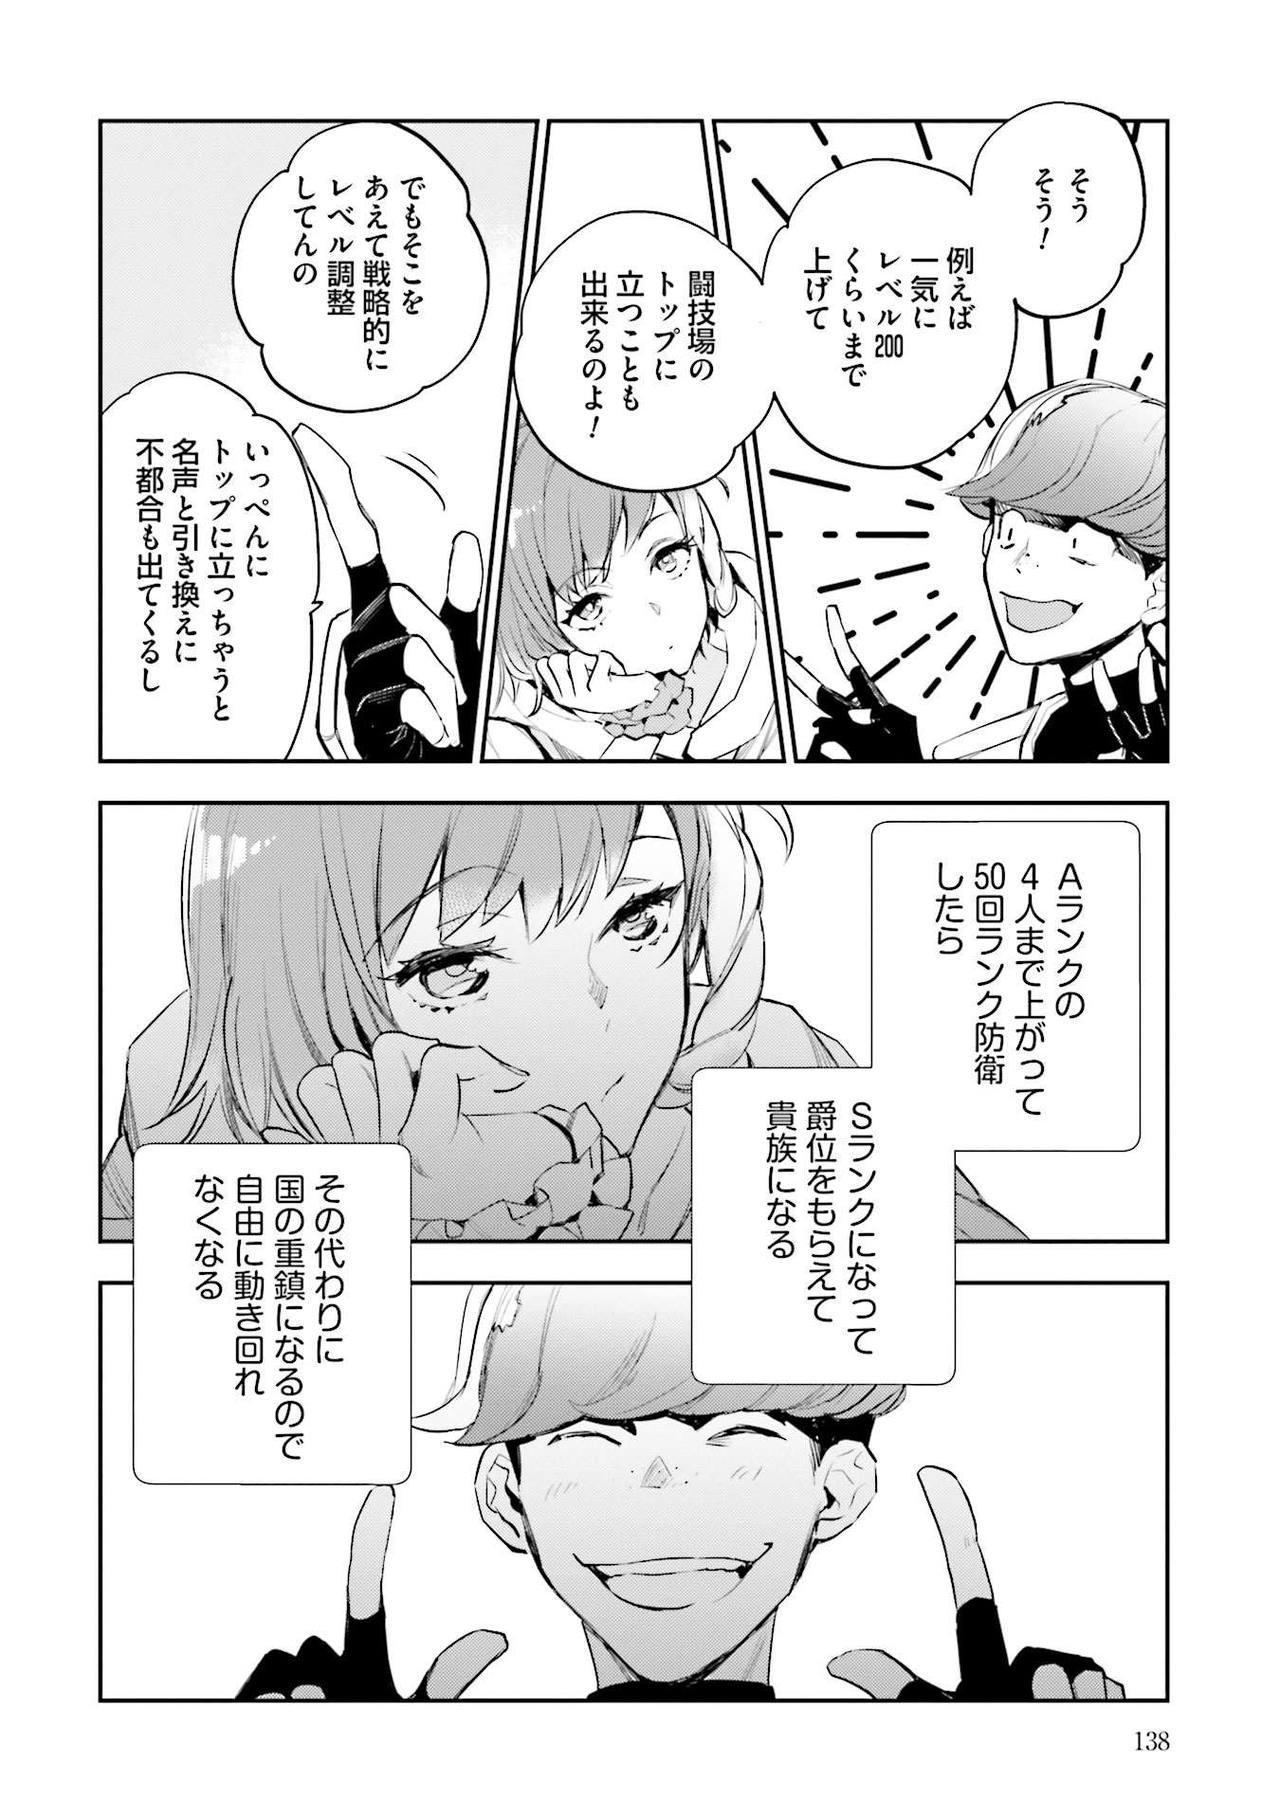 JK Haru wa Isekai de Shoufu ni Natta 1-14 139